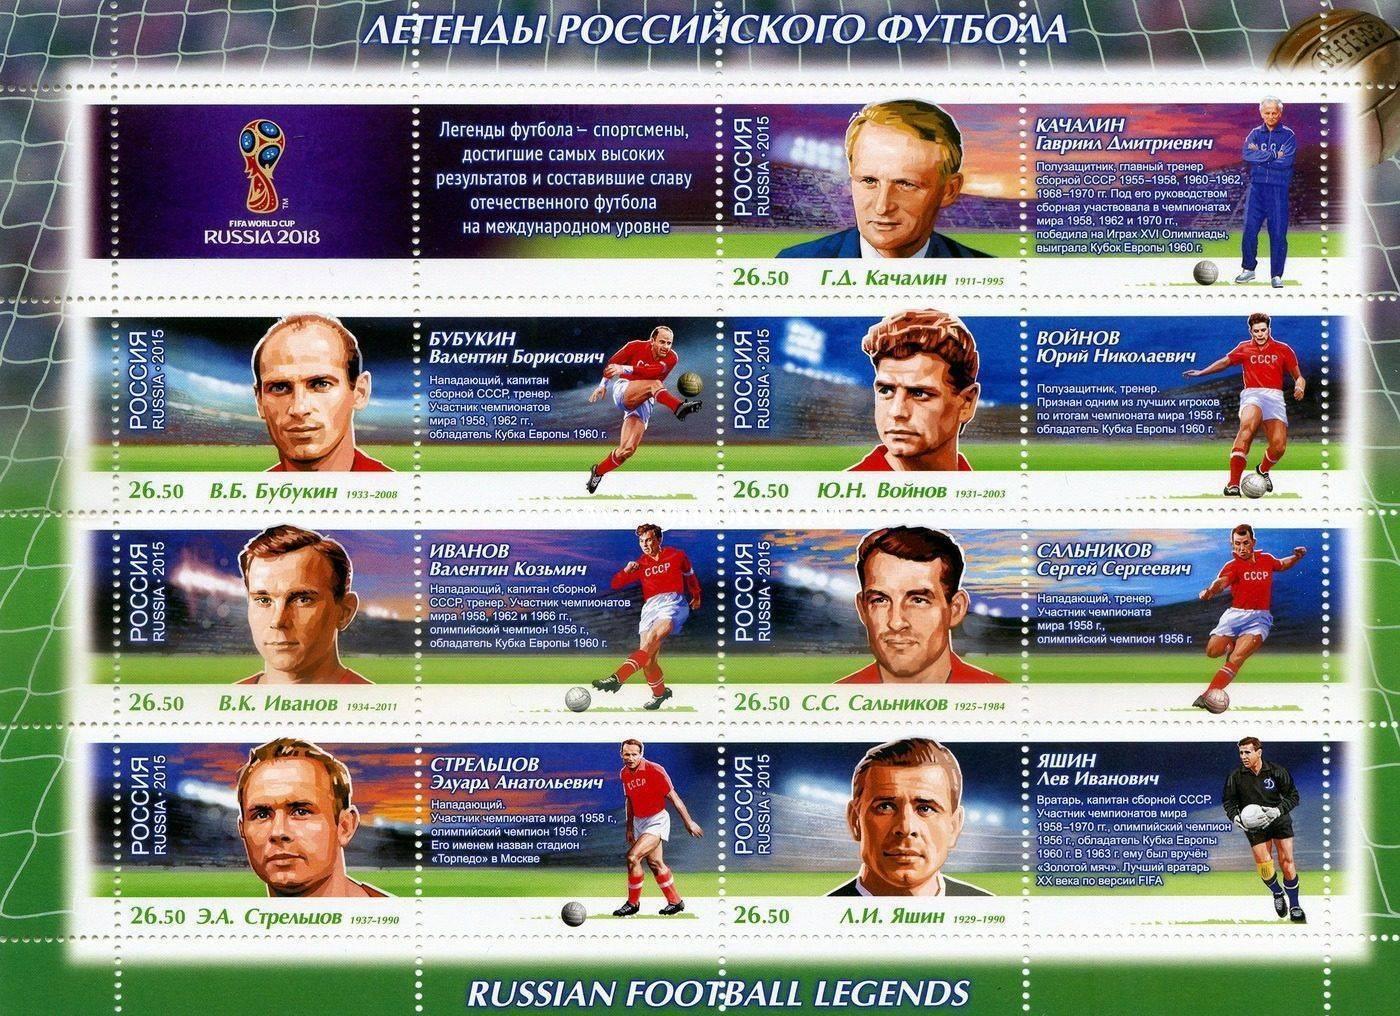 Самый возрастной футболист россии. играет в 44, за плечами – почти бронза с «анжи» и академия «спартака» с титовым